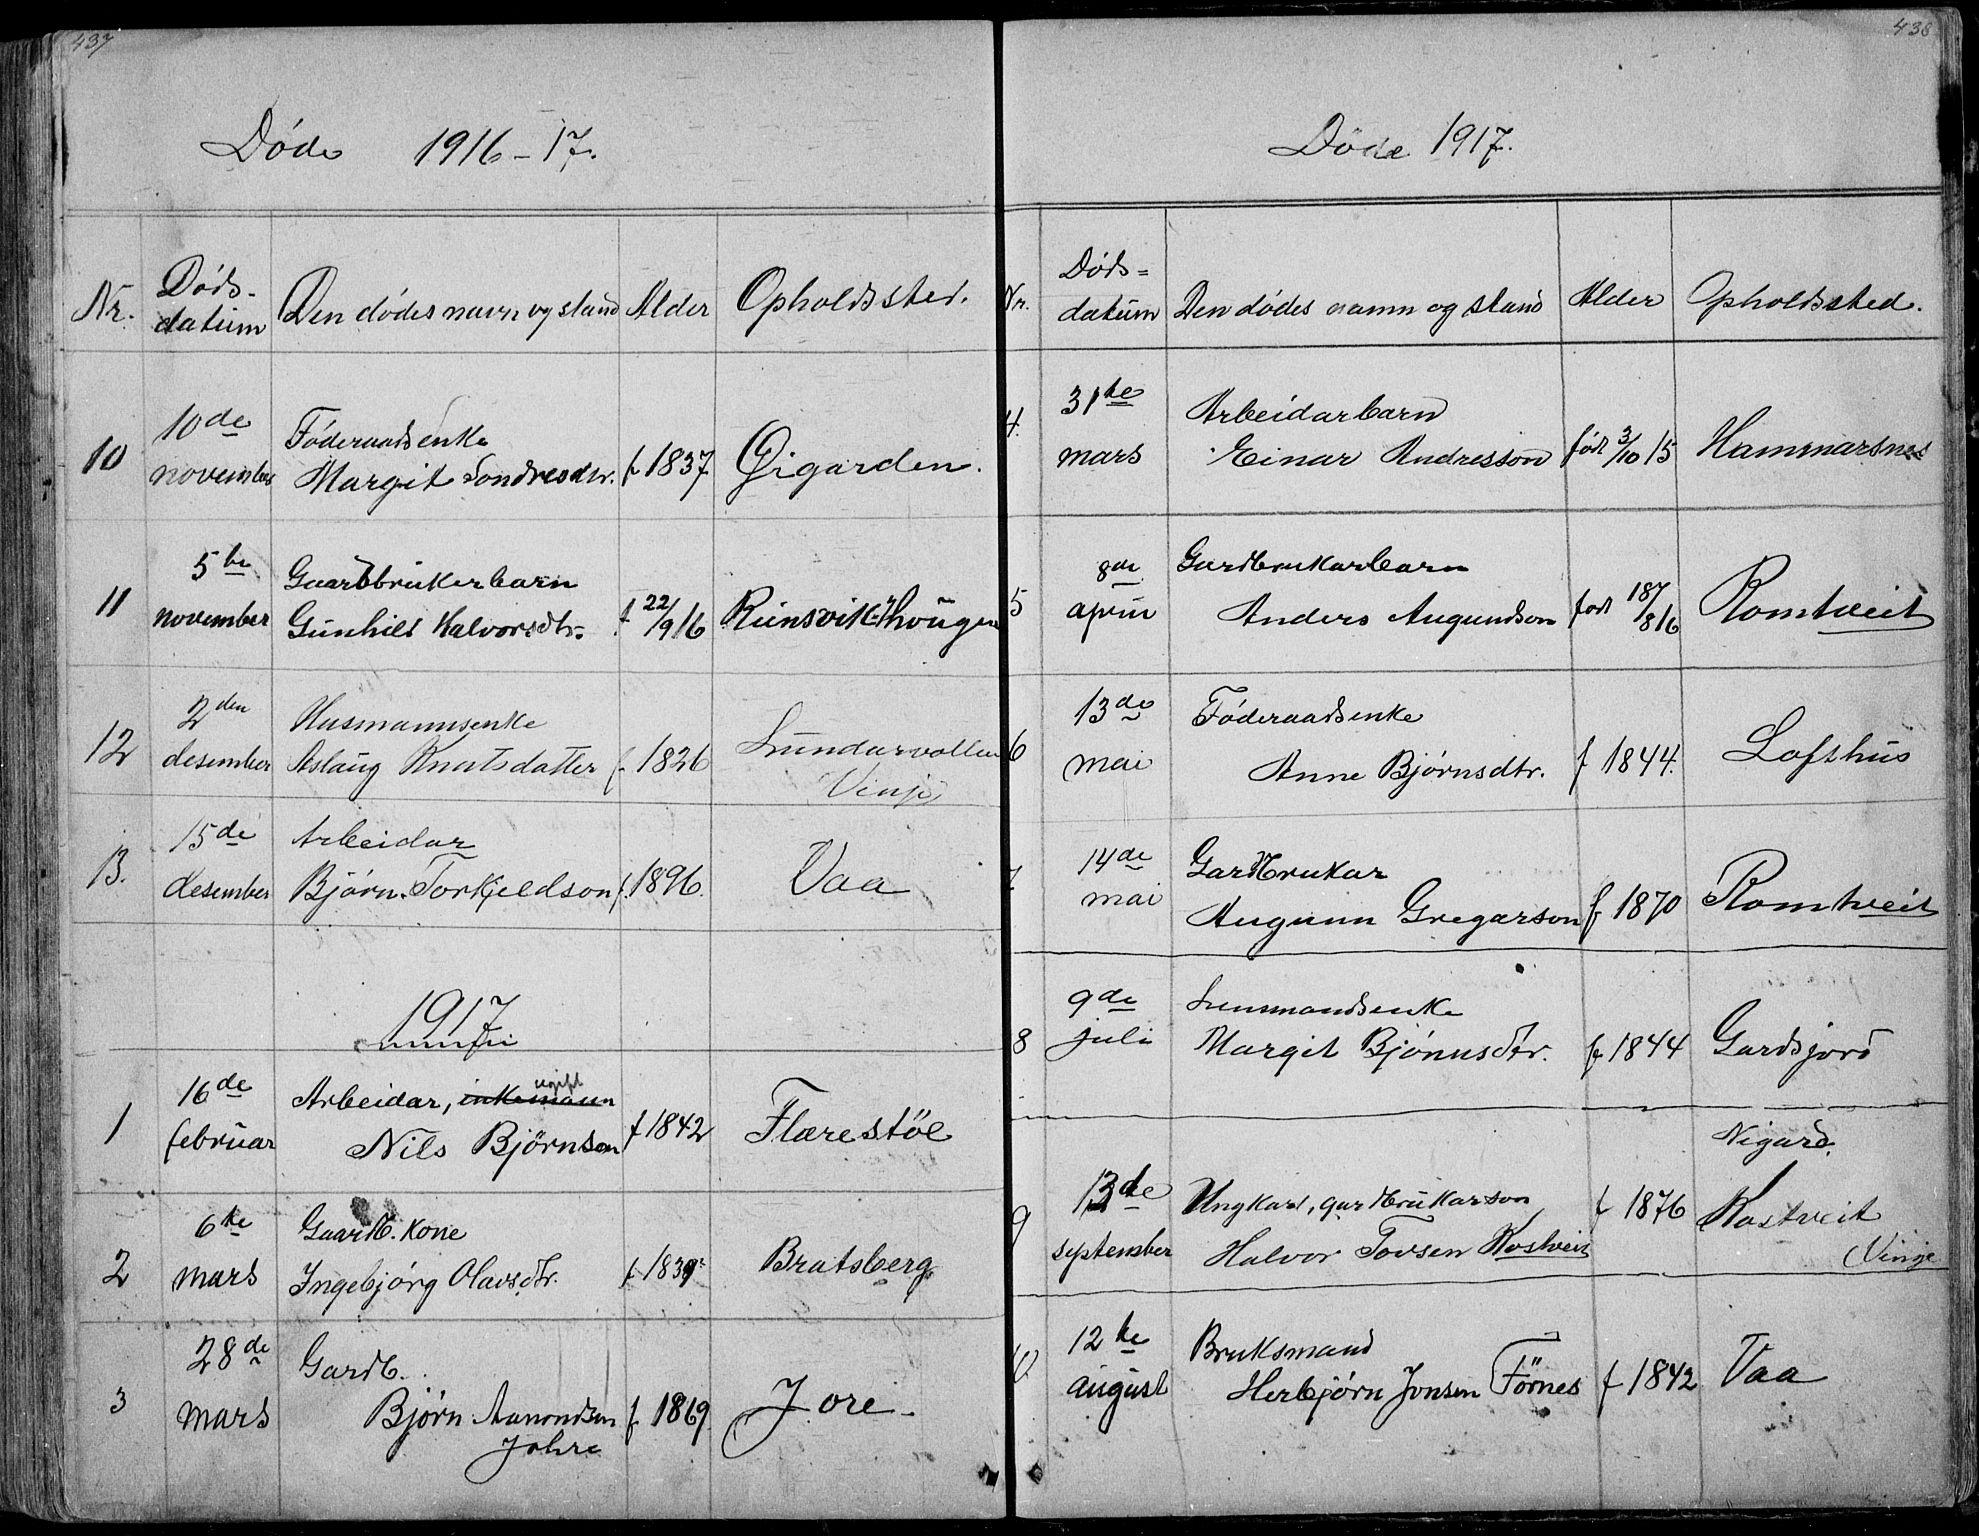 SAKO, Rauland kirkebøker, G/Ga/L0002: Klokkerbok nr. I 2, 1849-1935, s. 437-438